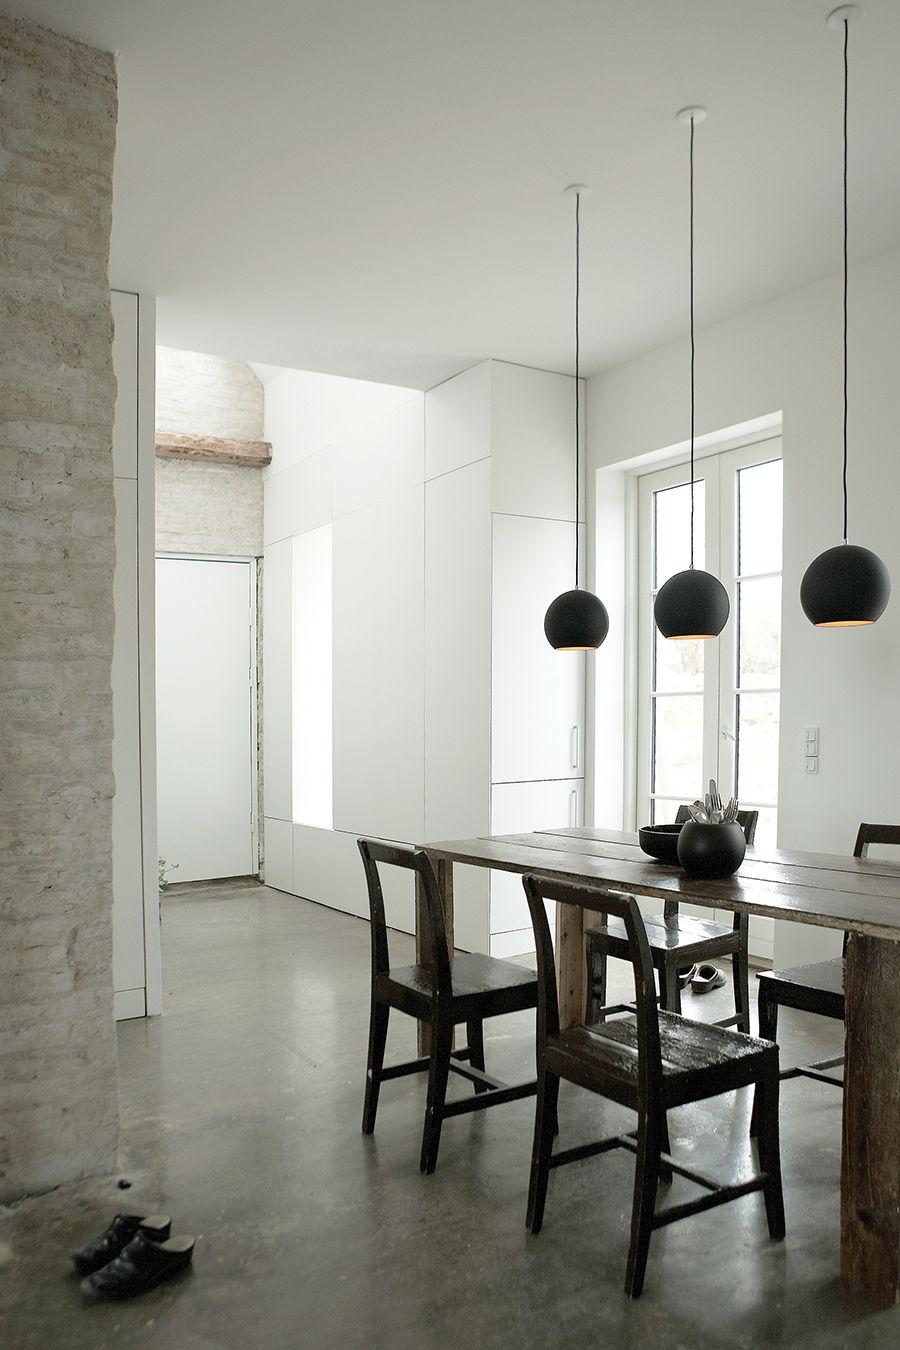 Esszimmer Küche Skandinavisch Minimalistisch Modern Schlicht Reduziert New  Nordic Interior Design Innenarchitektur Interieur Esstisch Holz Vintage